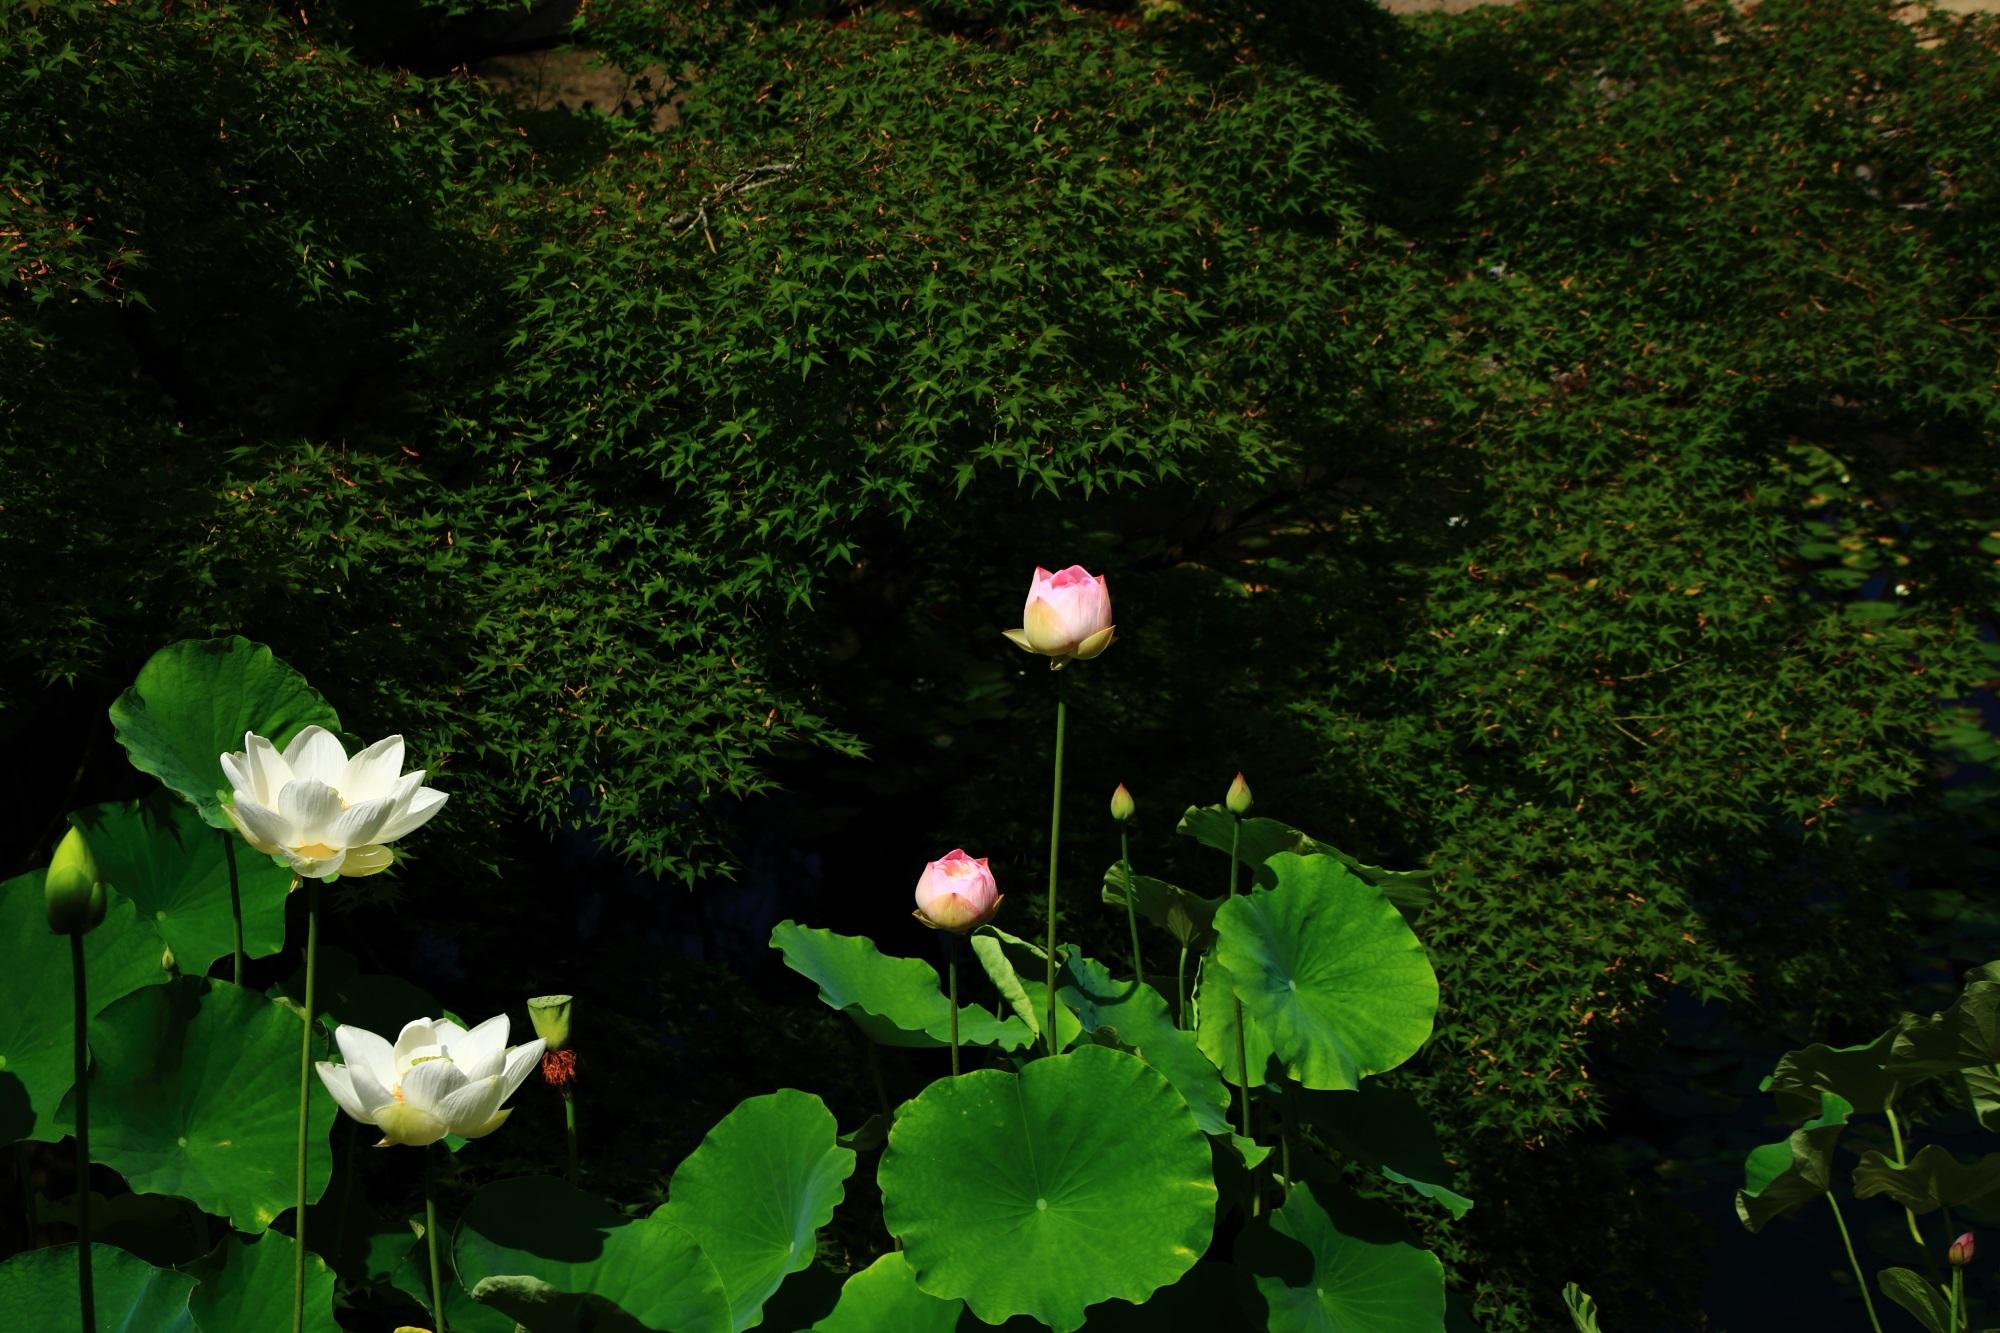 青もみじの深い緑と蓮の葉の鮮やかな緑に映える萬福寺の煌く蓮の花